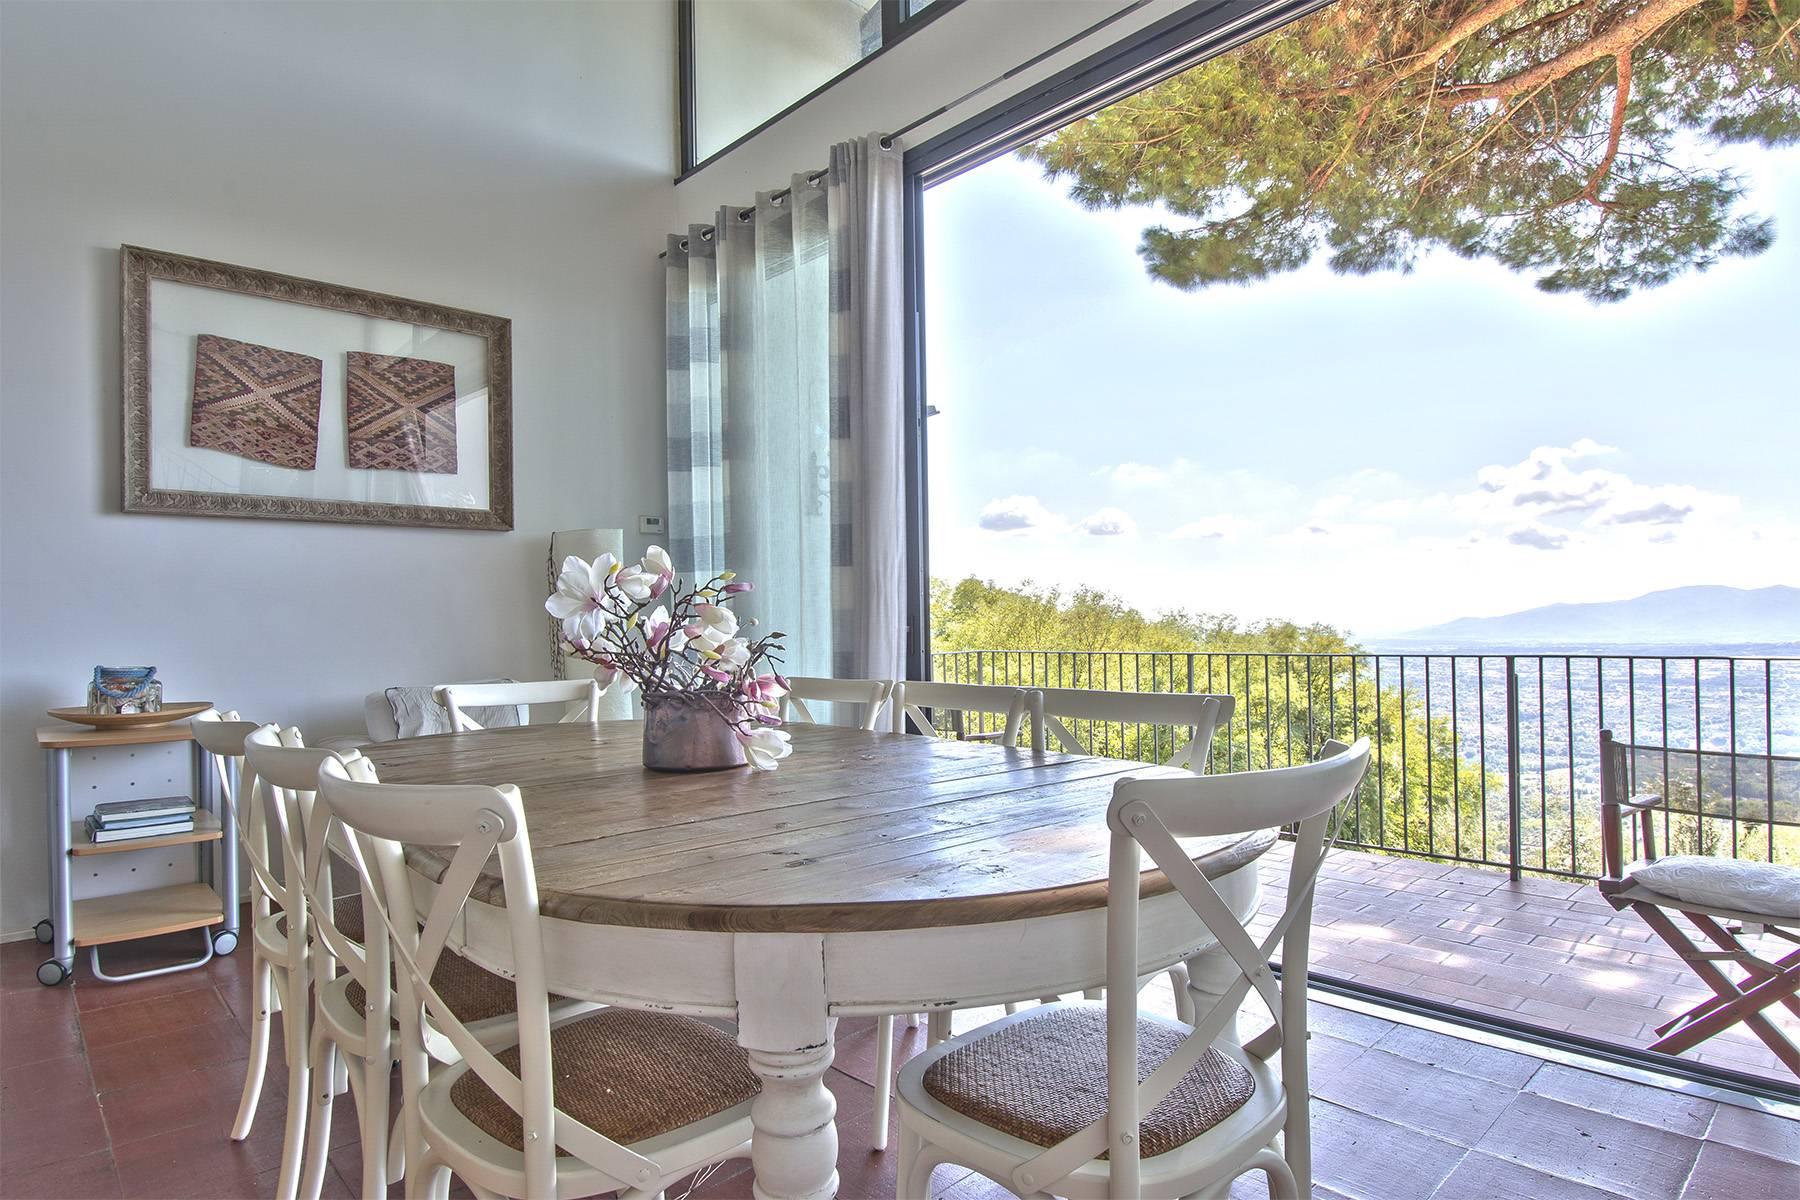 Villa in Vendita a Montecatini-Terme: 5 locali, 250 mq - Foto 12